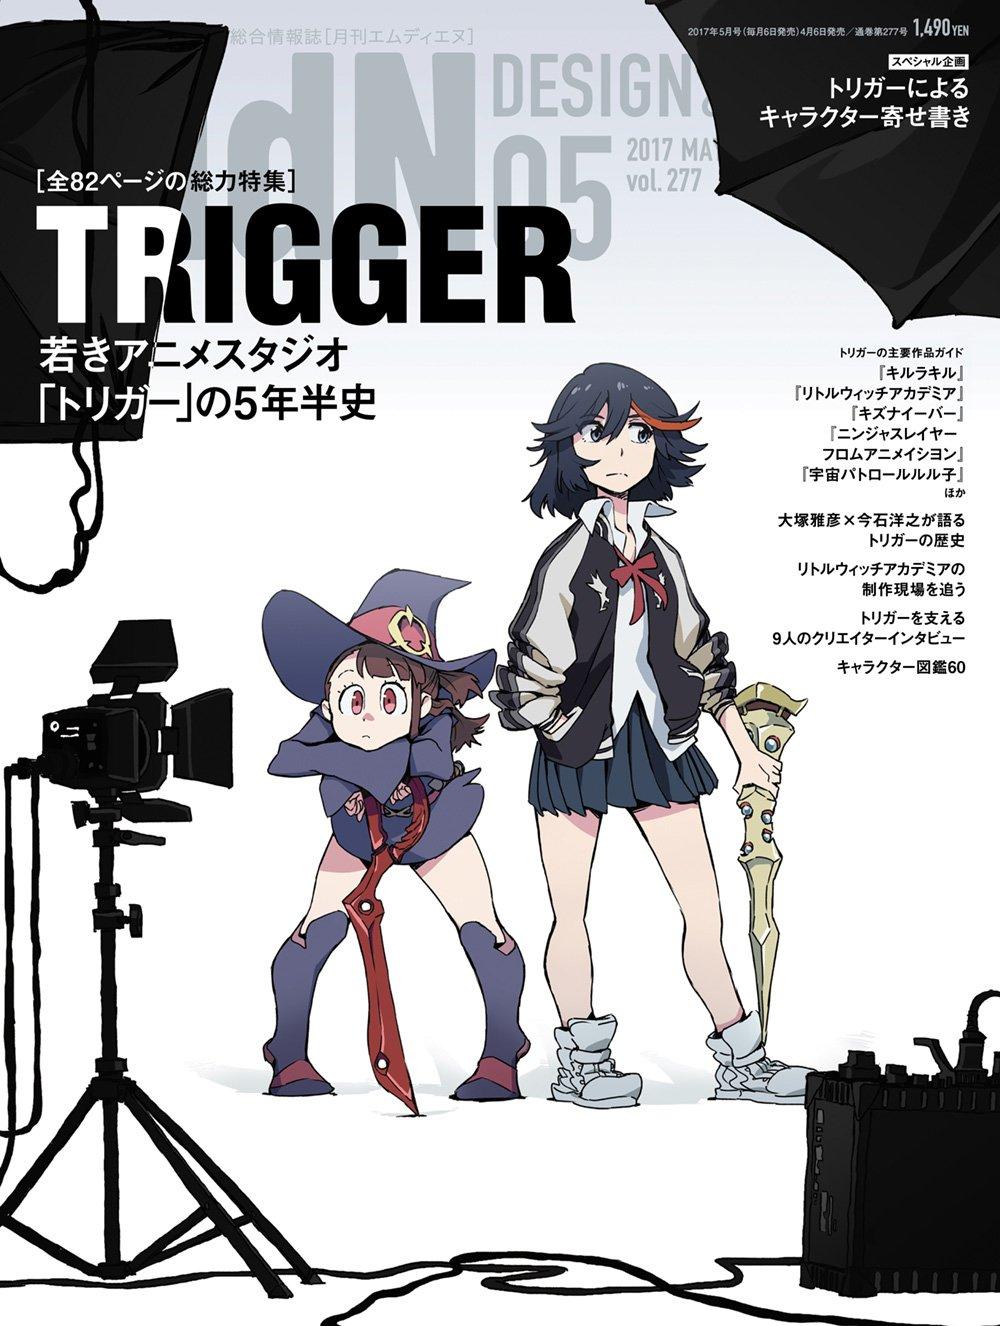 MdN『キルラキル』『リトルウィッチ』TRIGGER特集 若きアニメスタジオの5年半史